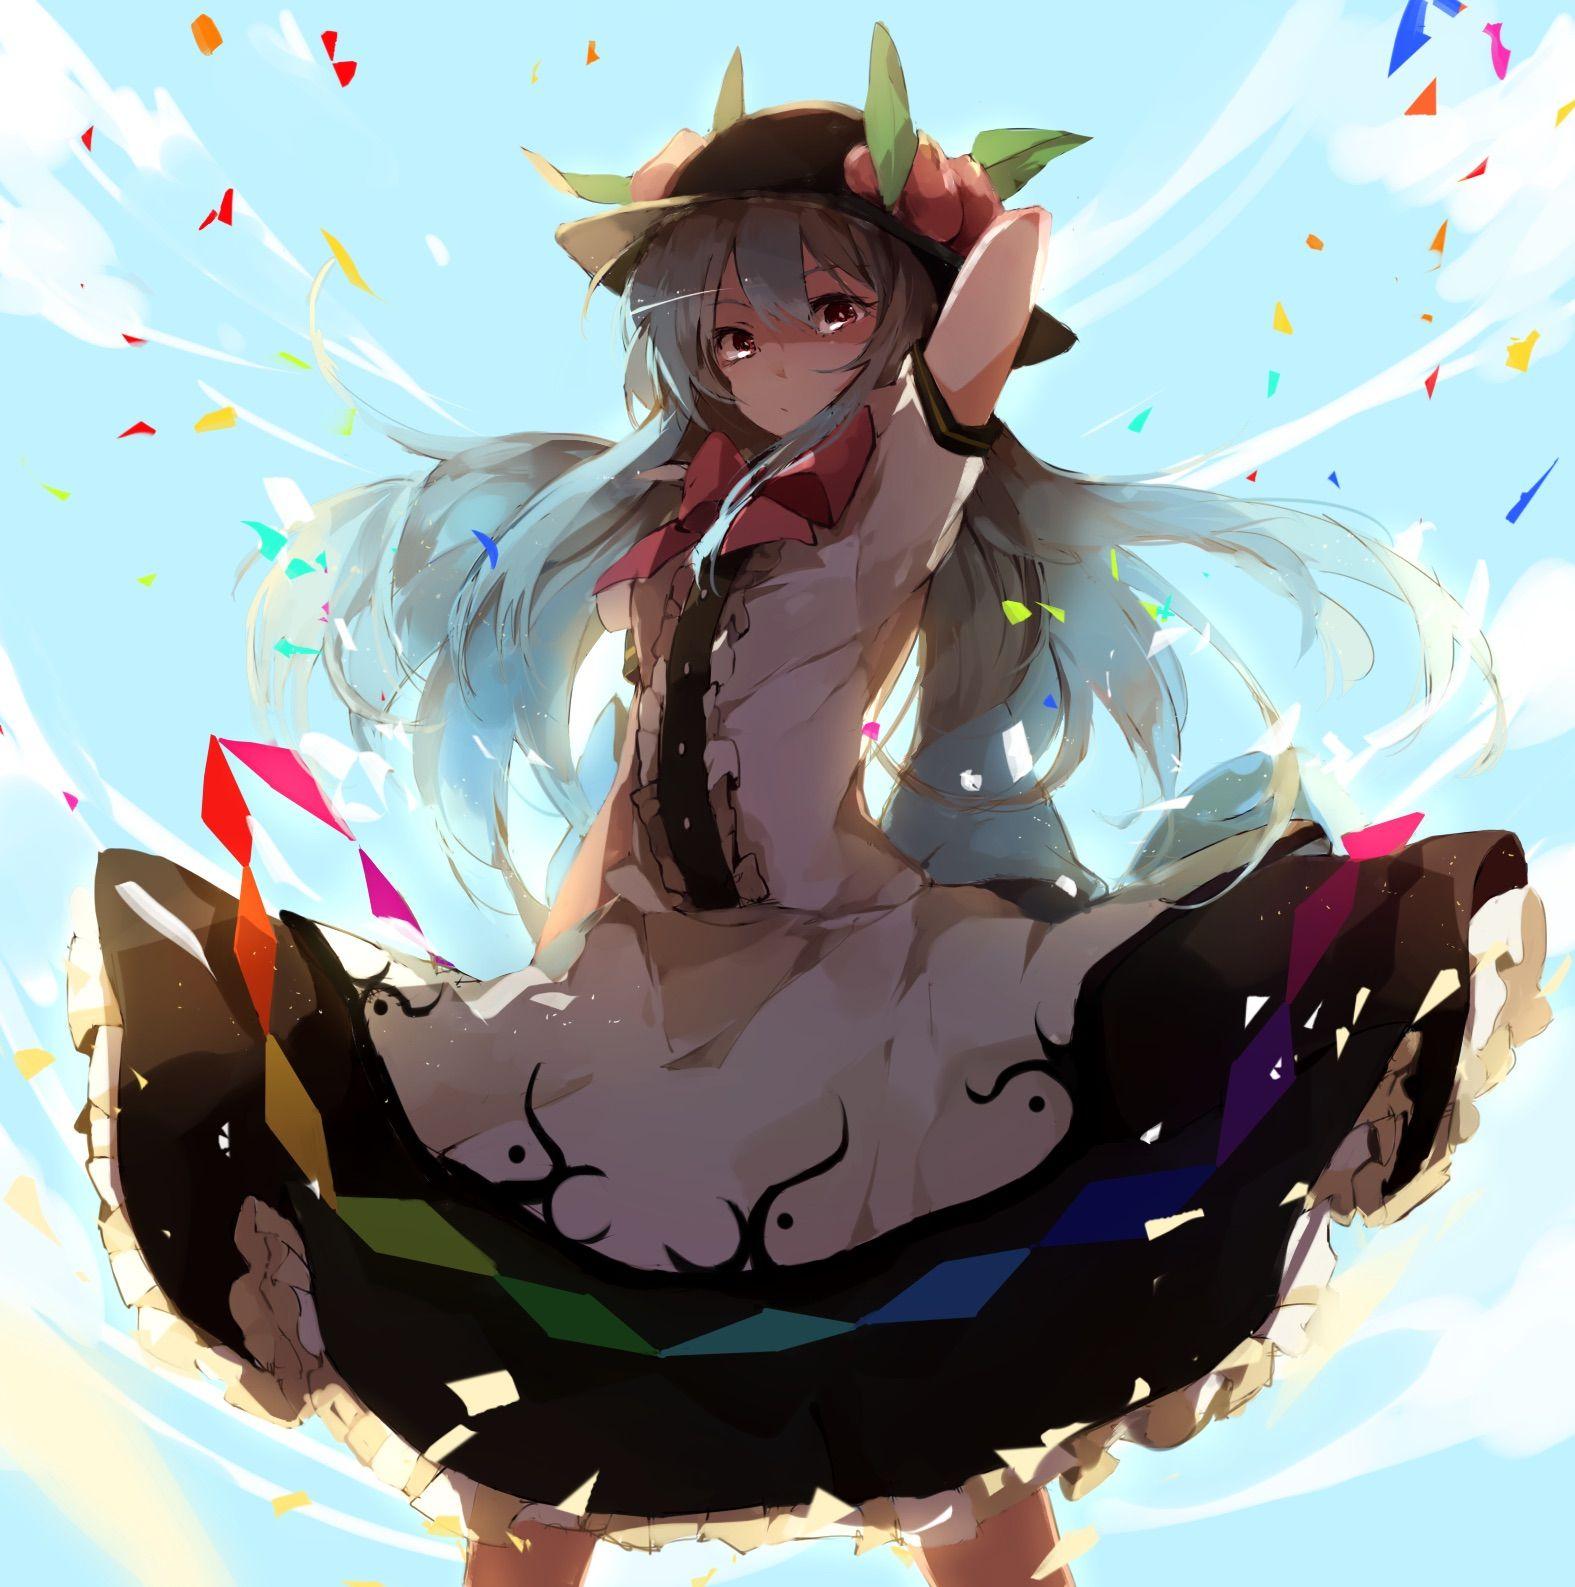 東方 touhou イラスト クールなアニメの女の子 アニメエクスポ